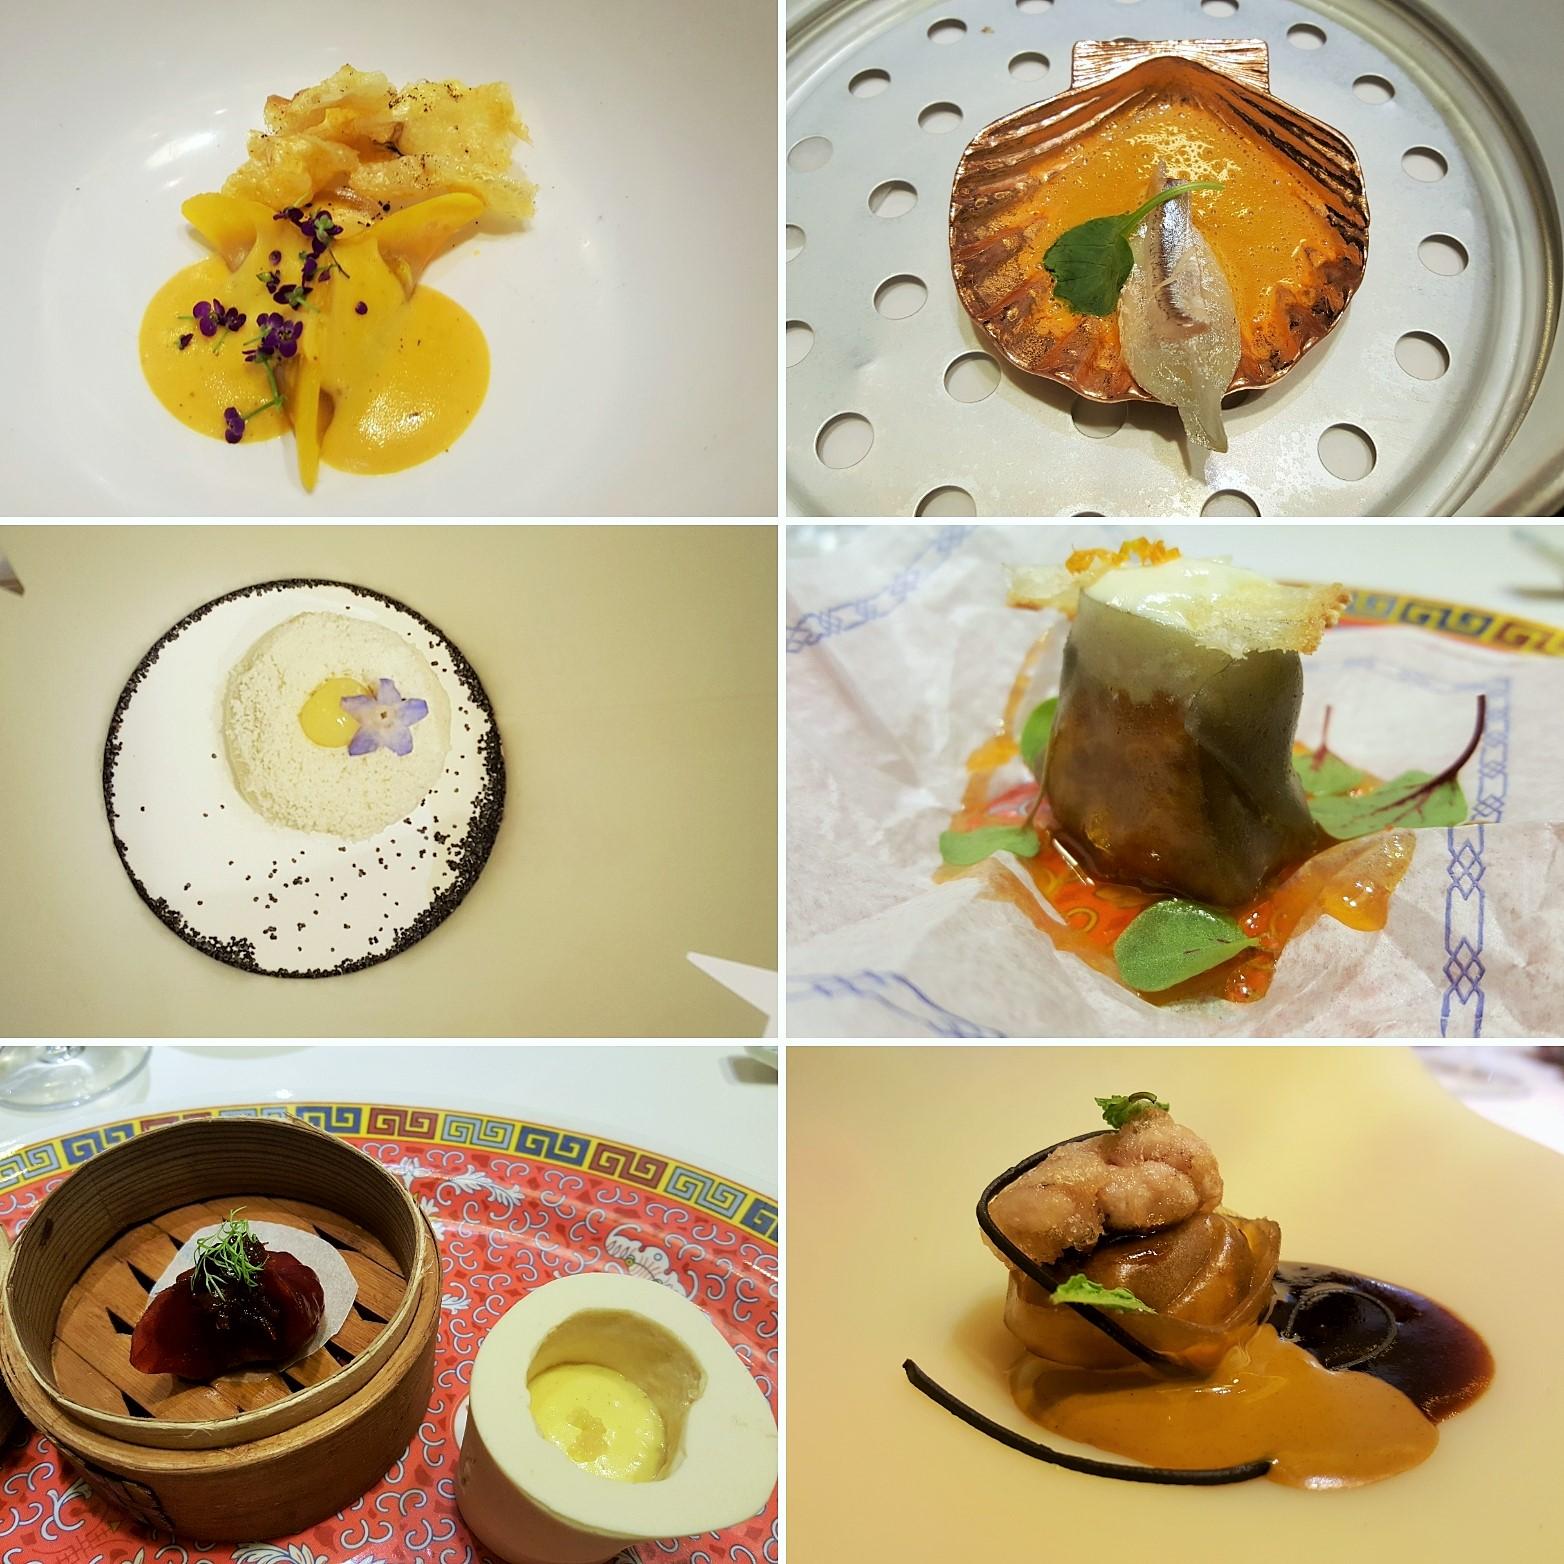 Diverxo - los 15 mejores platos 2017